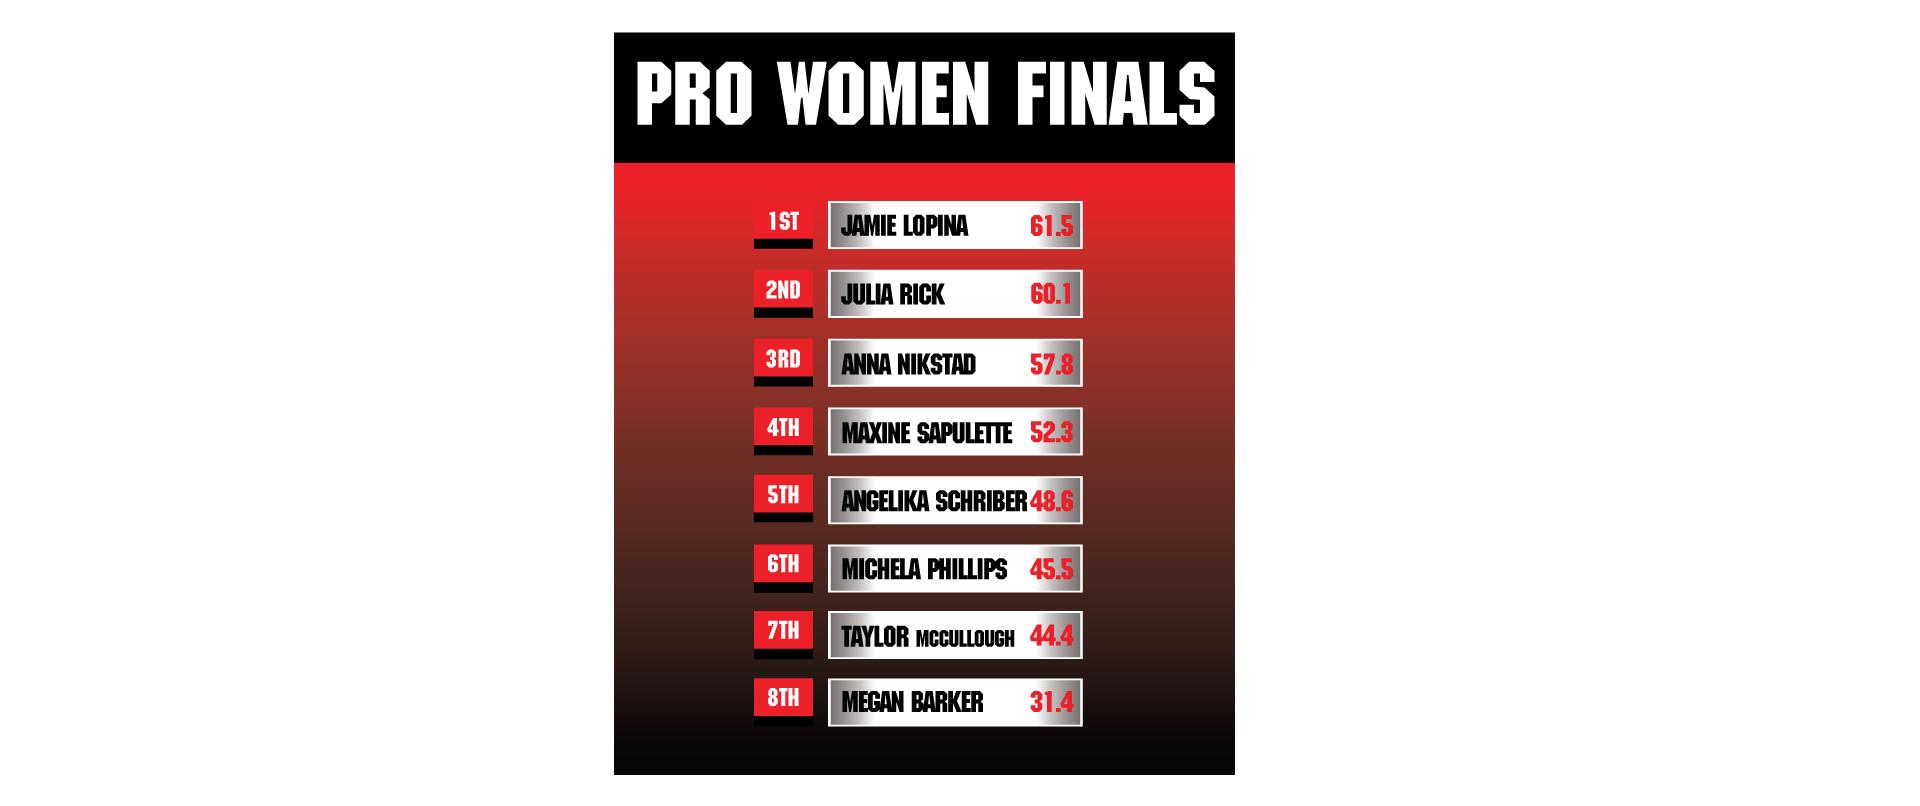 PP-2016PRO-WOMEN-FINAL